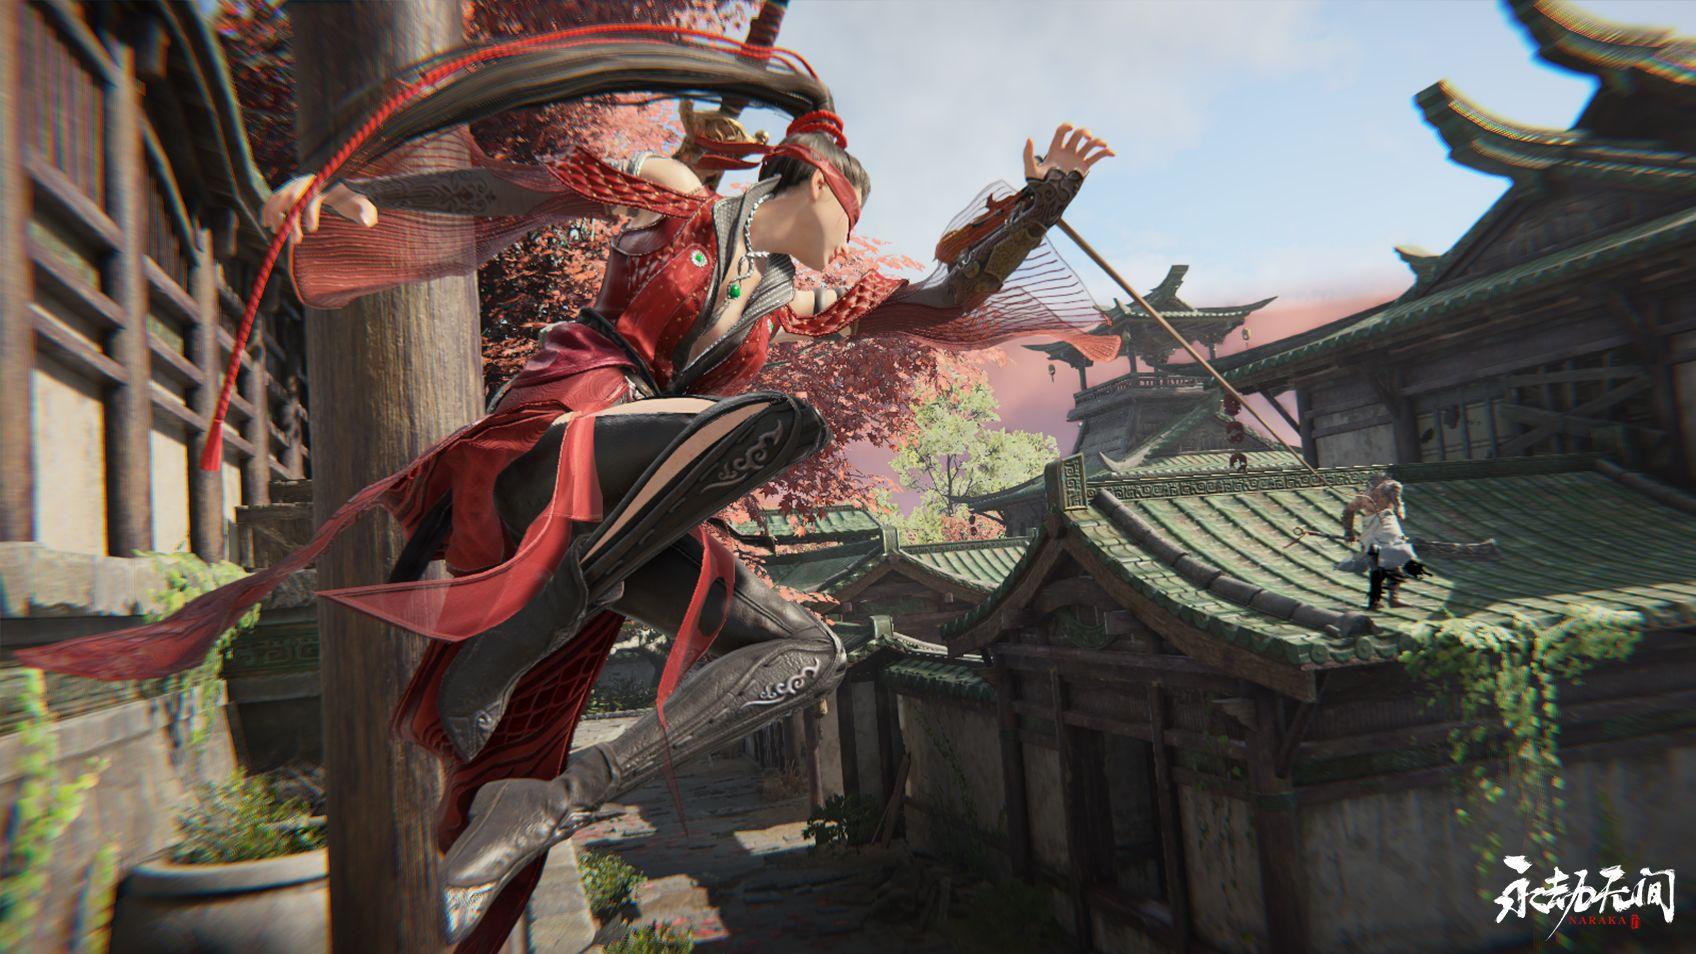 武侠巨人版吃鸡游戏官网最新版图2: